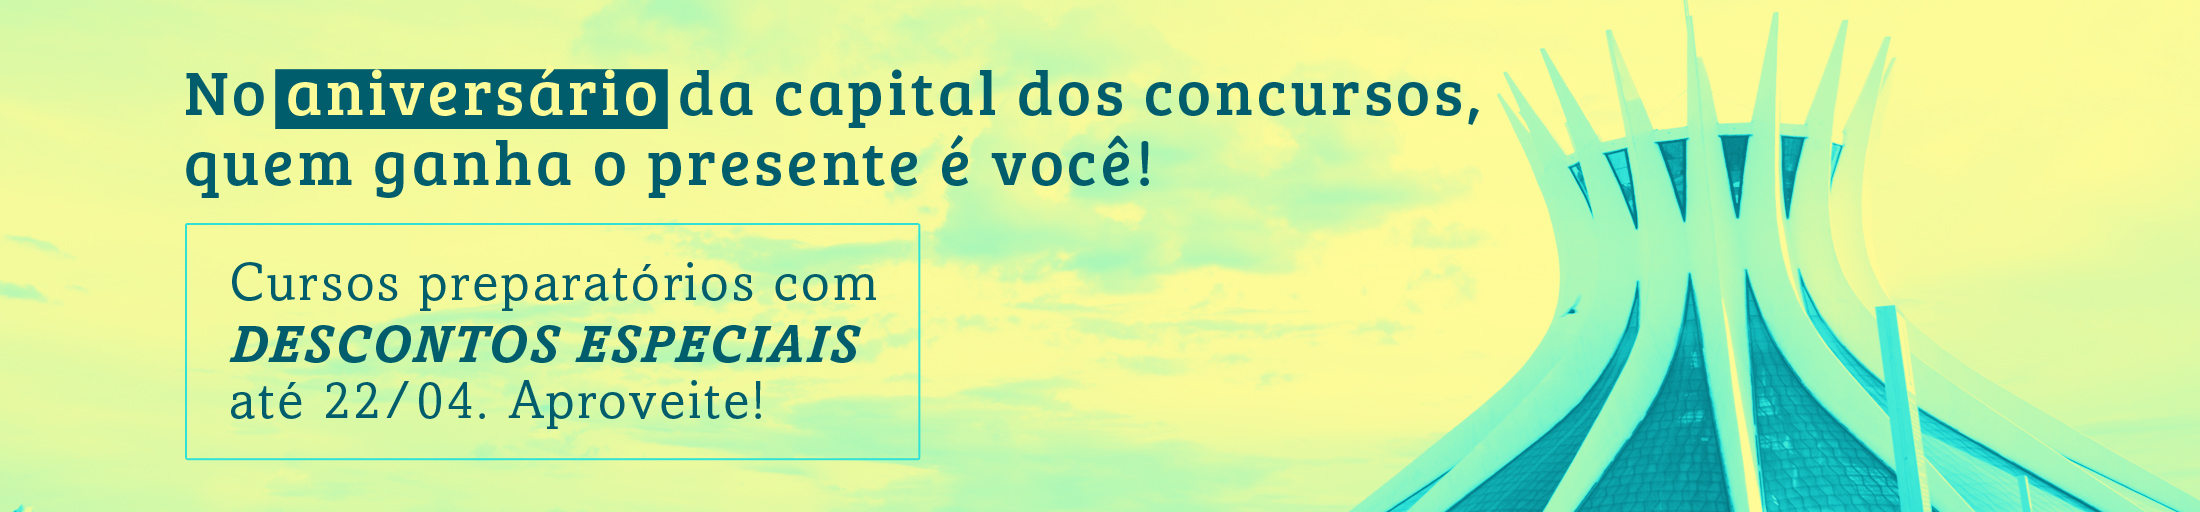 BANNER-SITE-PROMOÇÃO-ANIVERSARIO-DE-BRASILIA-2018